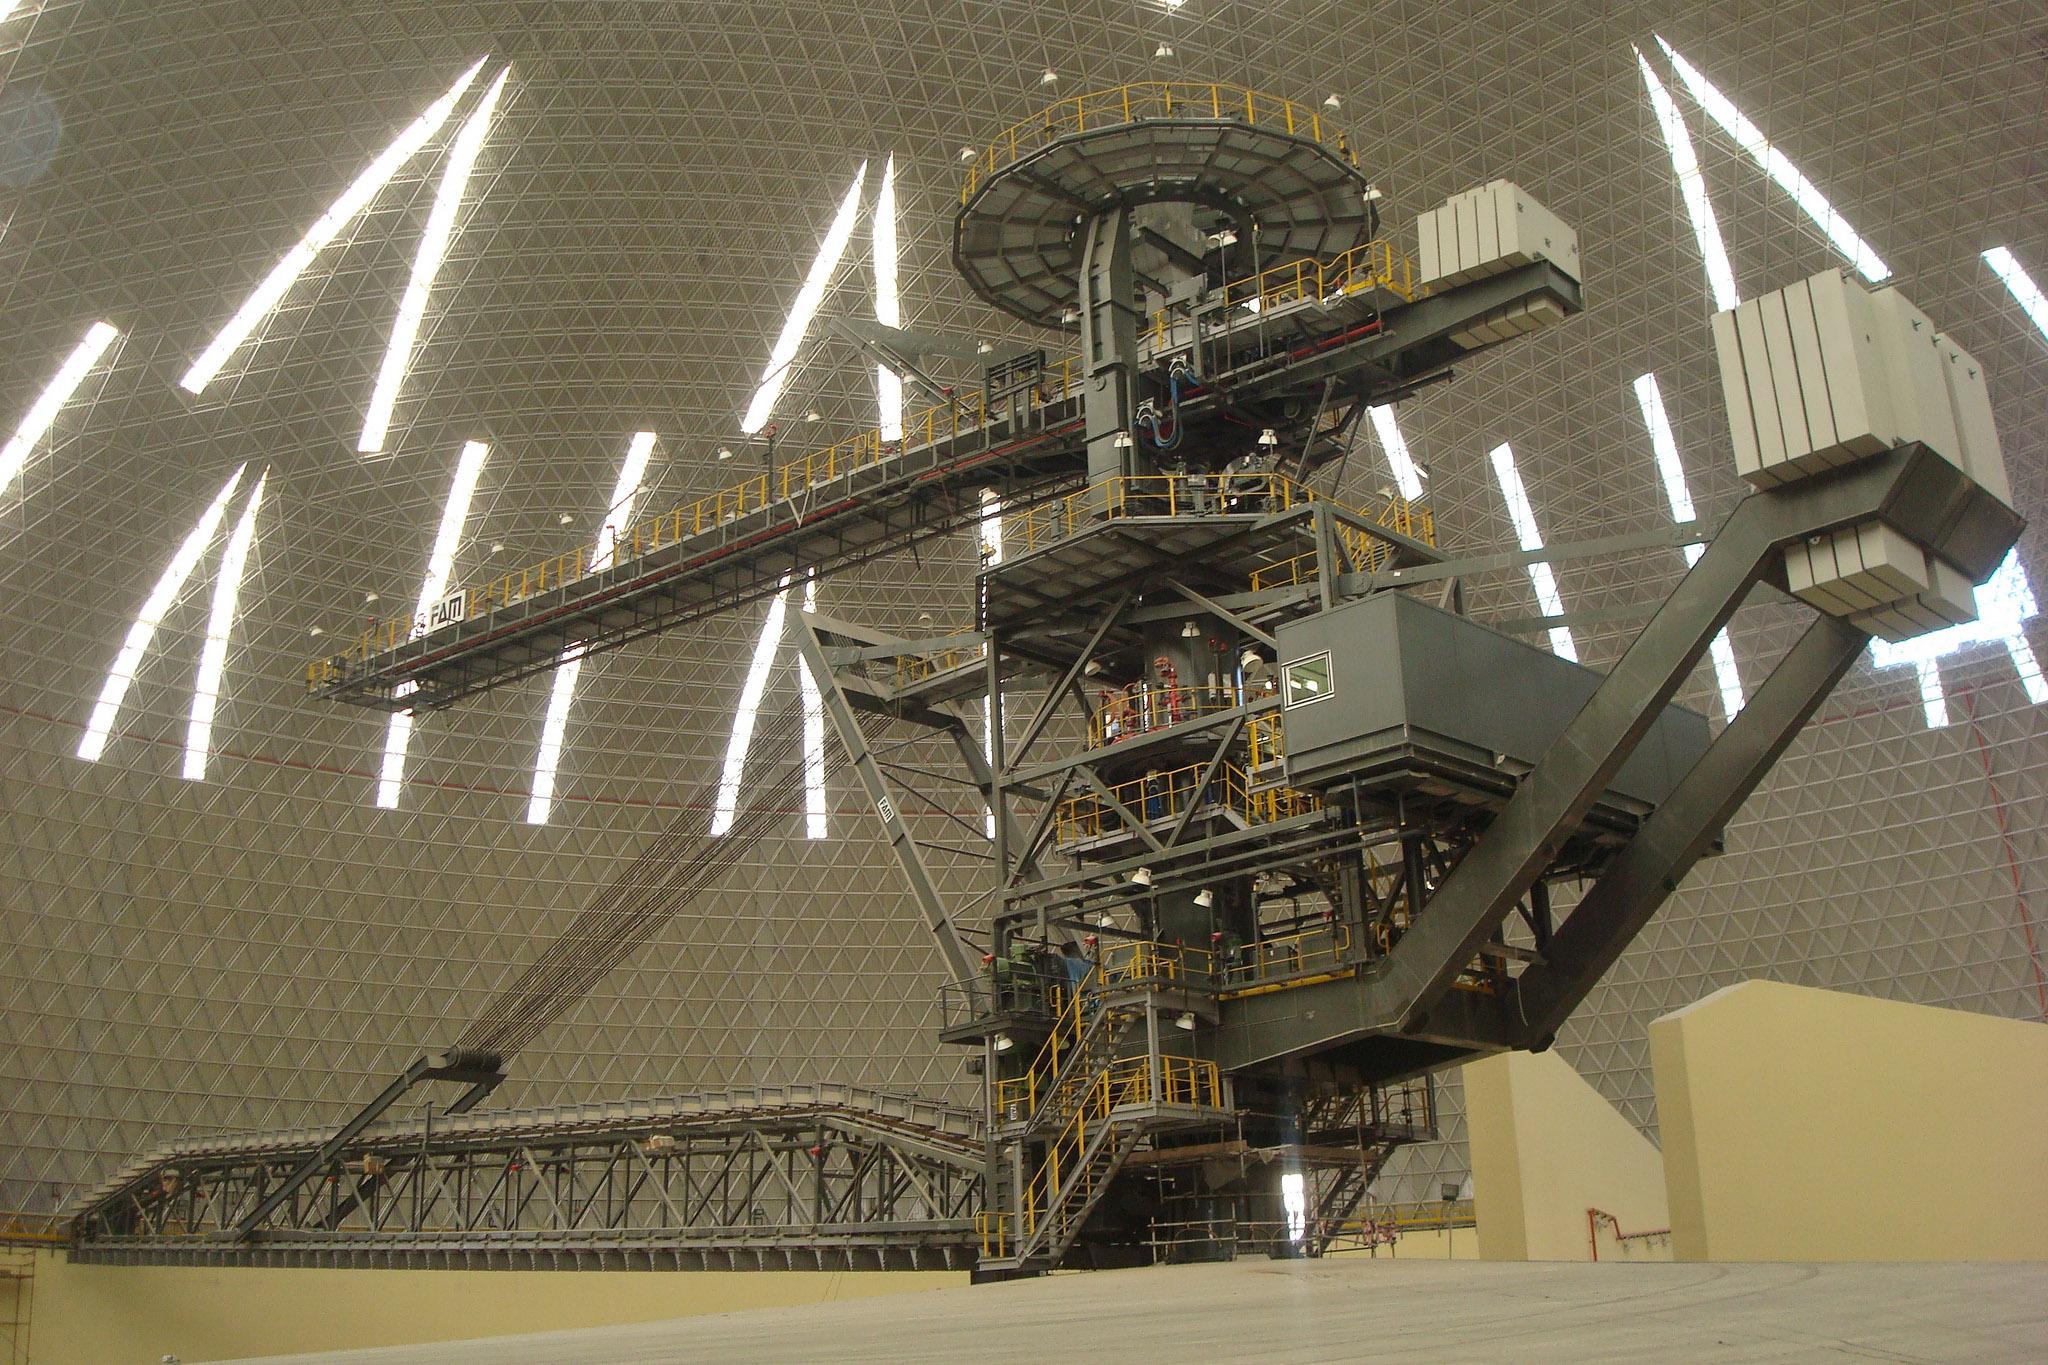 Domo de 135m para almacenamiento de azufre en Abu Dhabi.